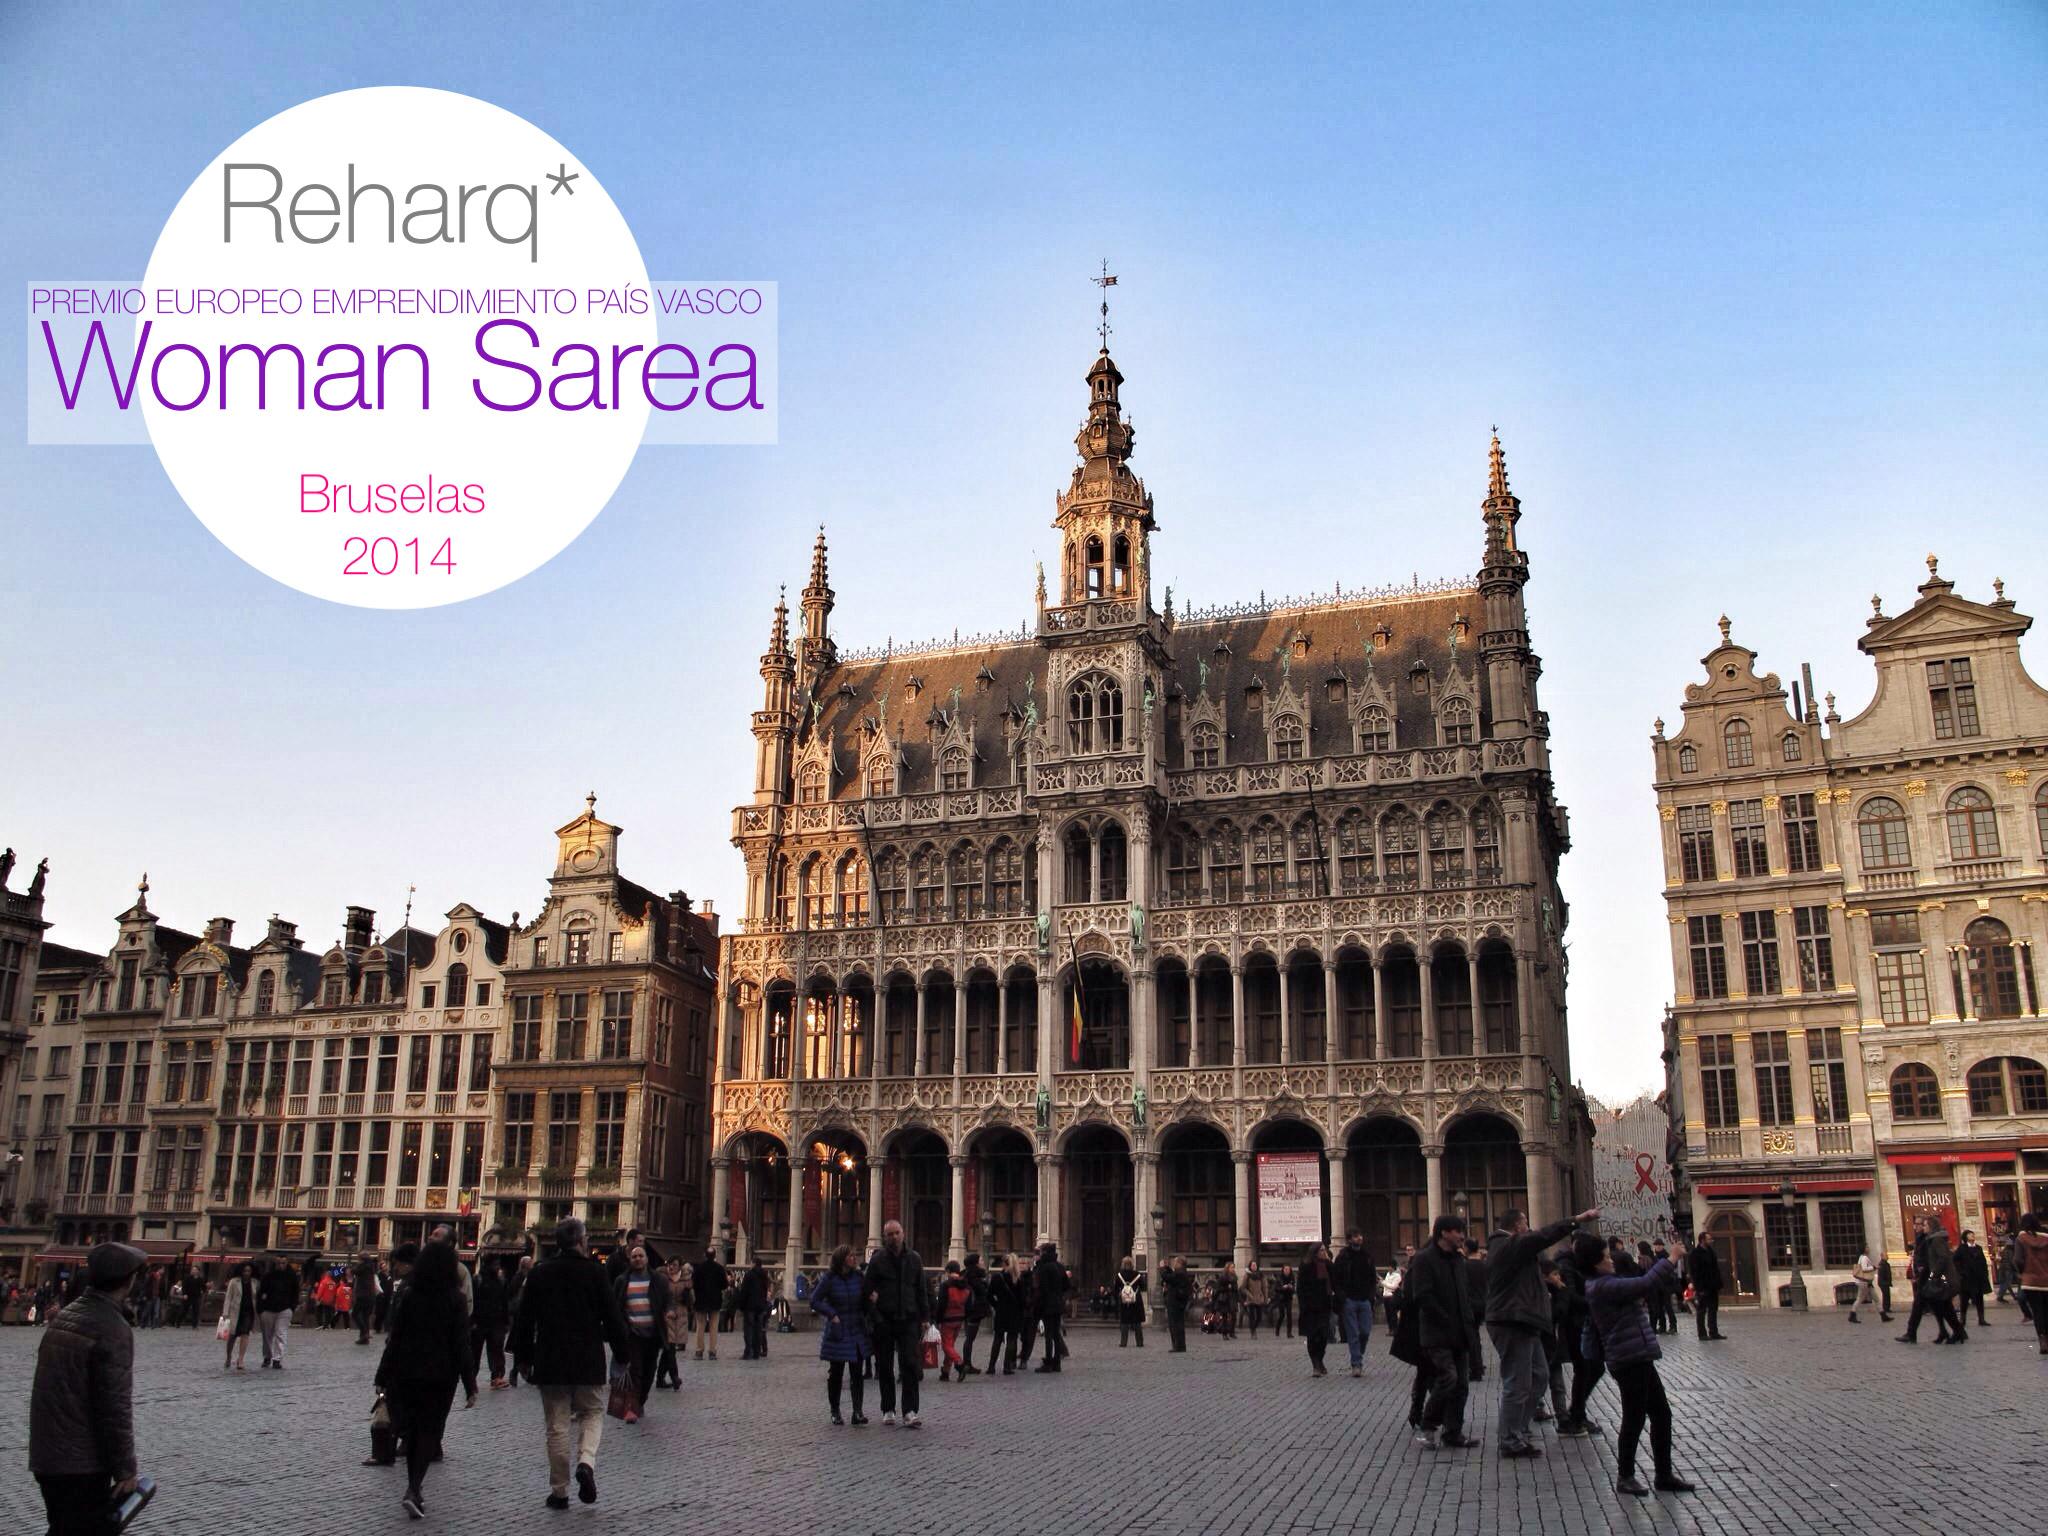 premio woman sarea_bizzia_reharq_emprendimiento europeo femenino